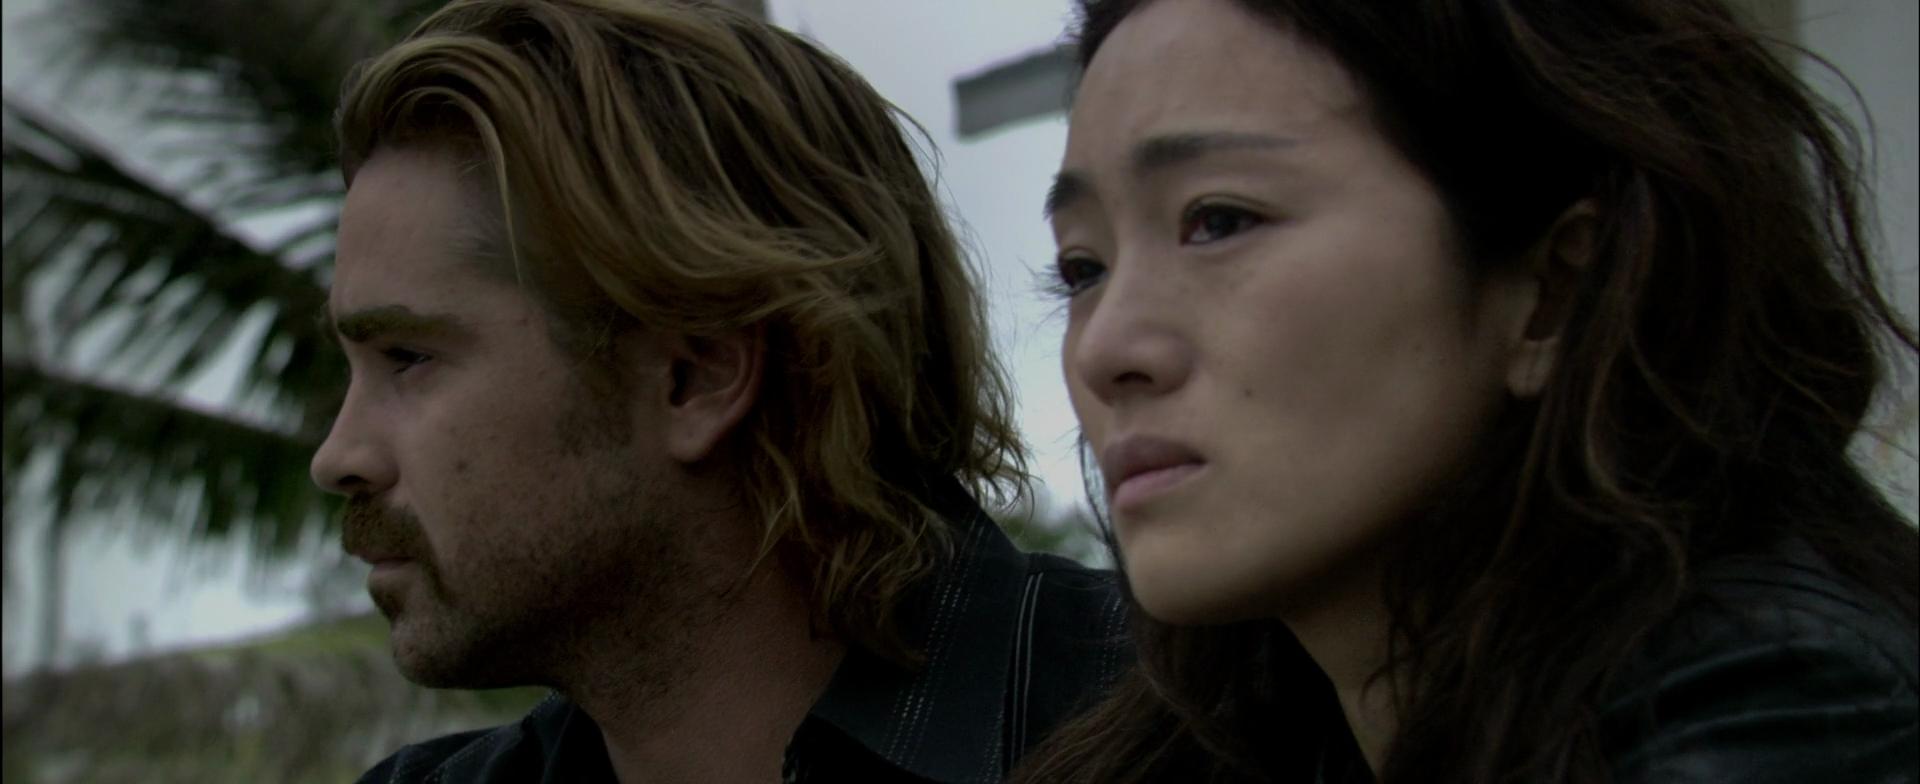 華人女星的好萊塢夢:比爬《摩天大樓》辛苦的影后和比昆凌還要幸運的女孩!┃電影專題